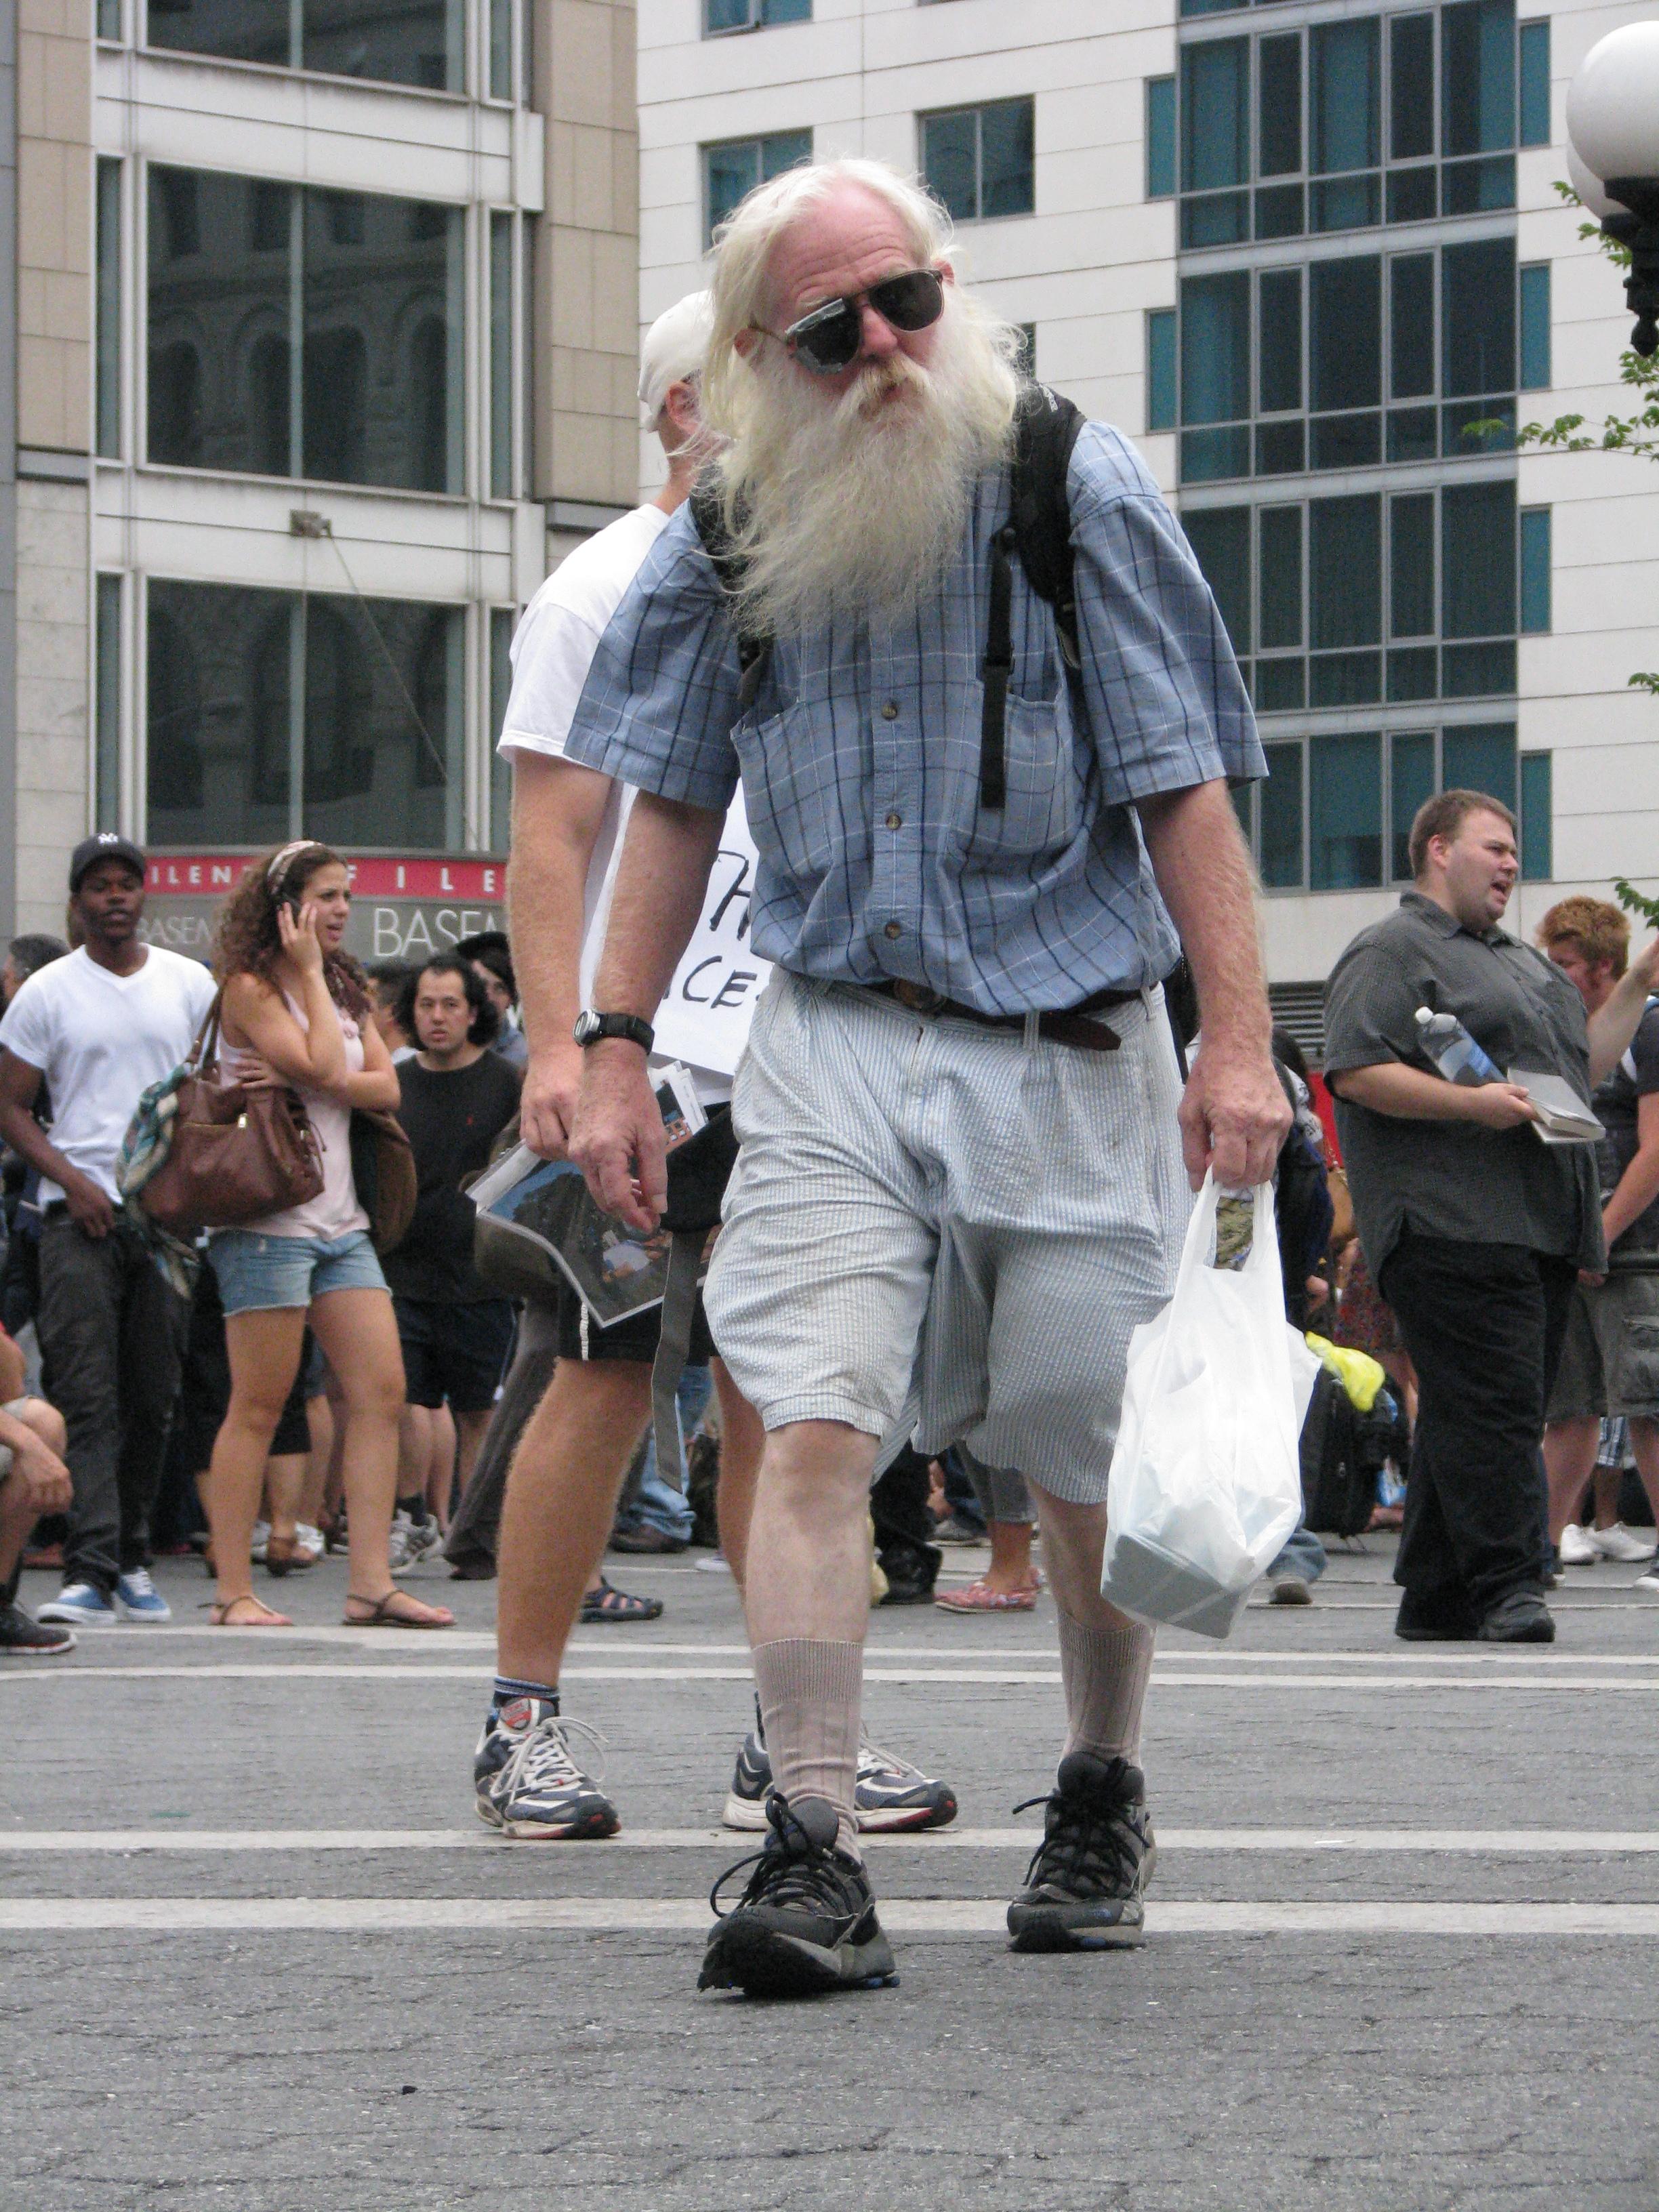 white bearded man in sunglasses